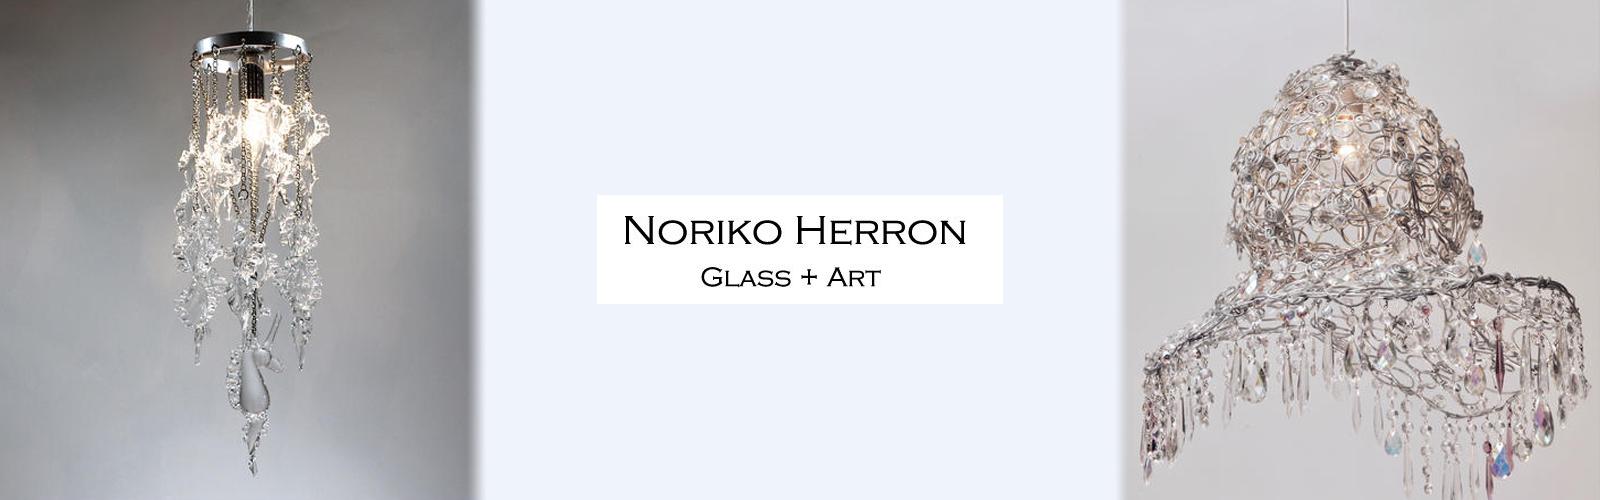 NORIKO HERRON GLASS +ART のシャンデリア